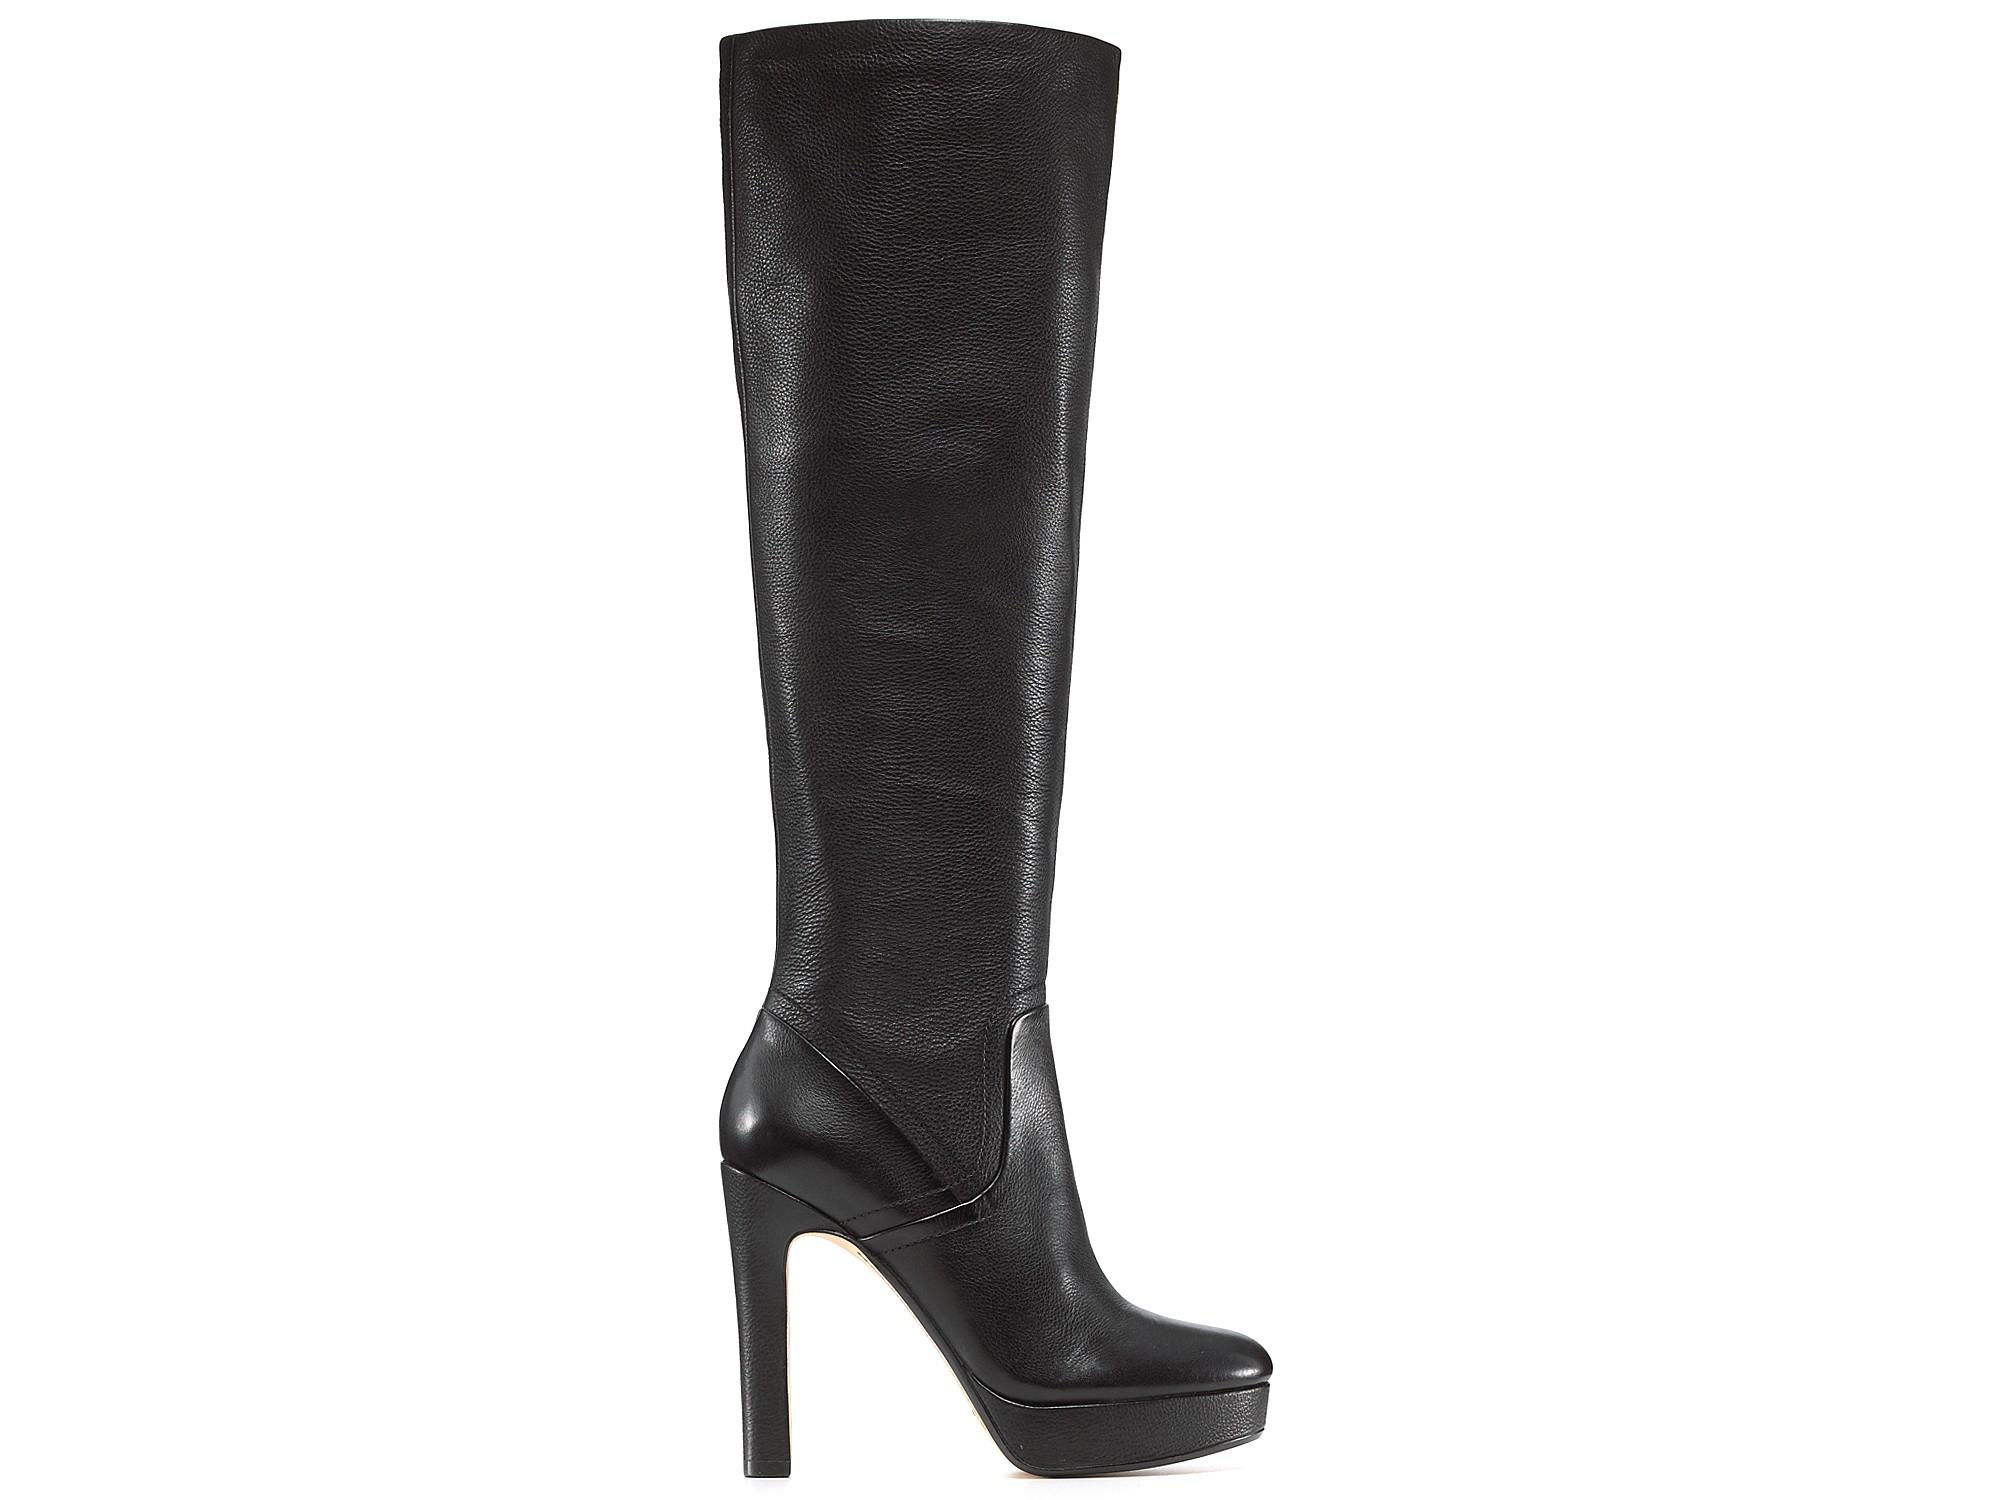 michael kors kors zola high heel boots in black lyst